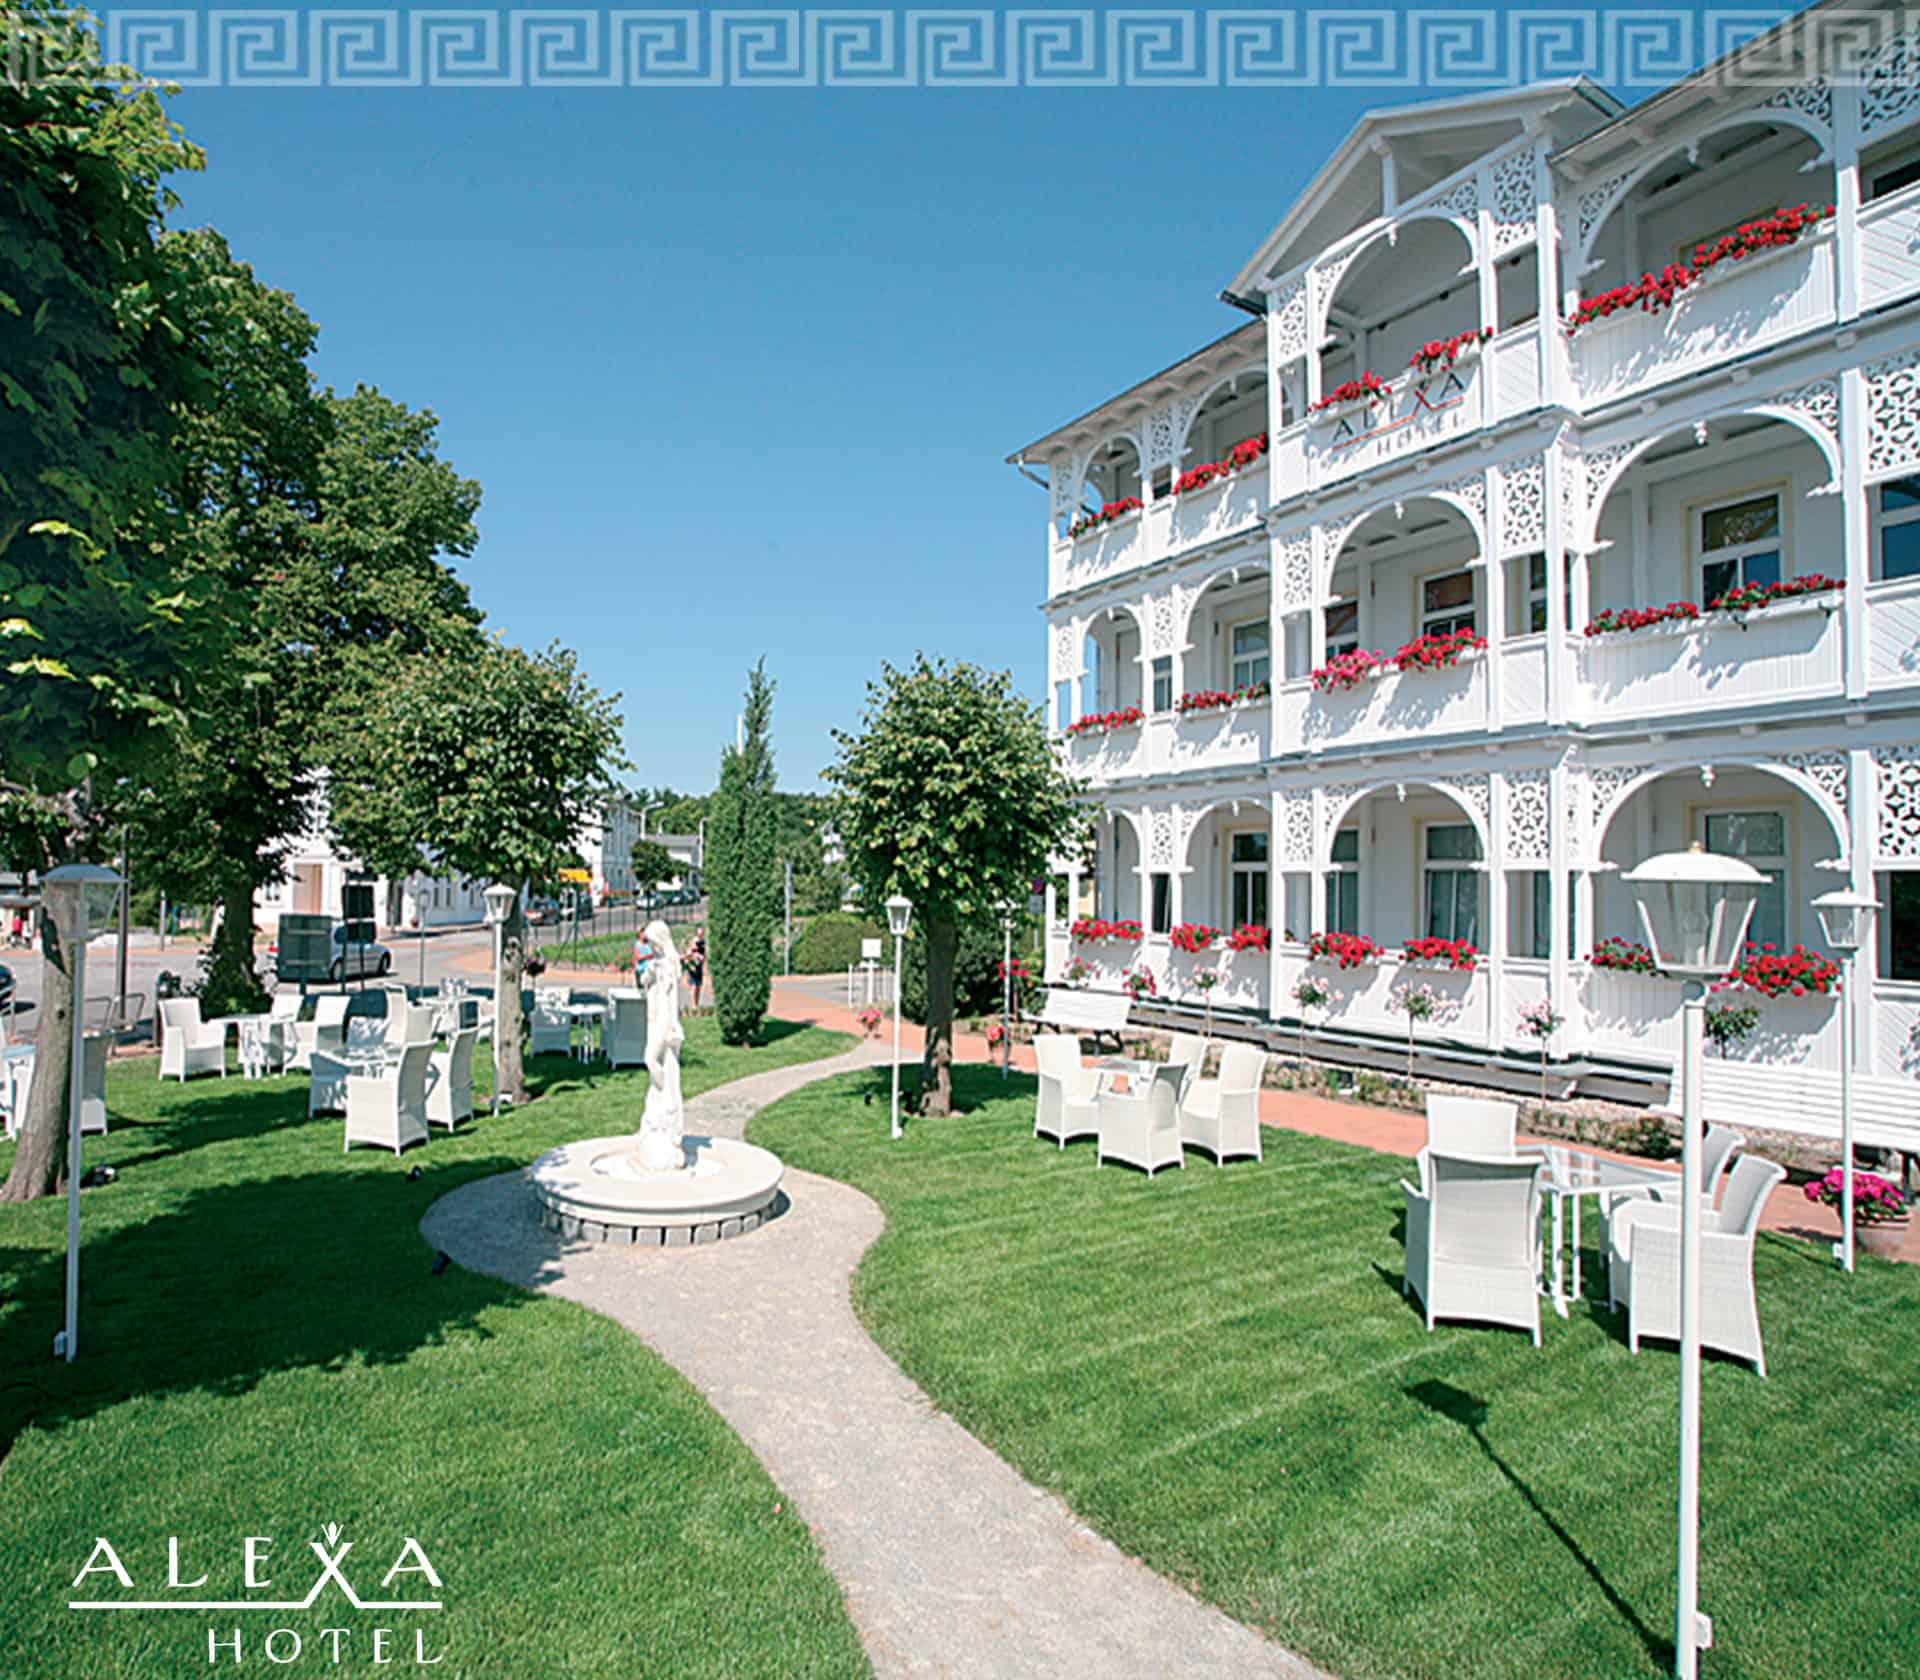 Alexa Hotel Garten